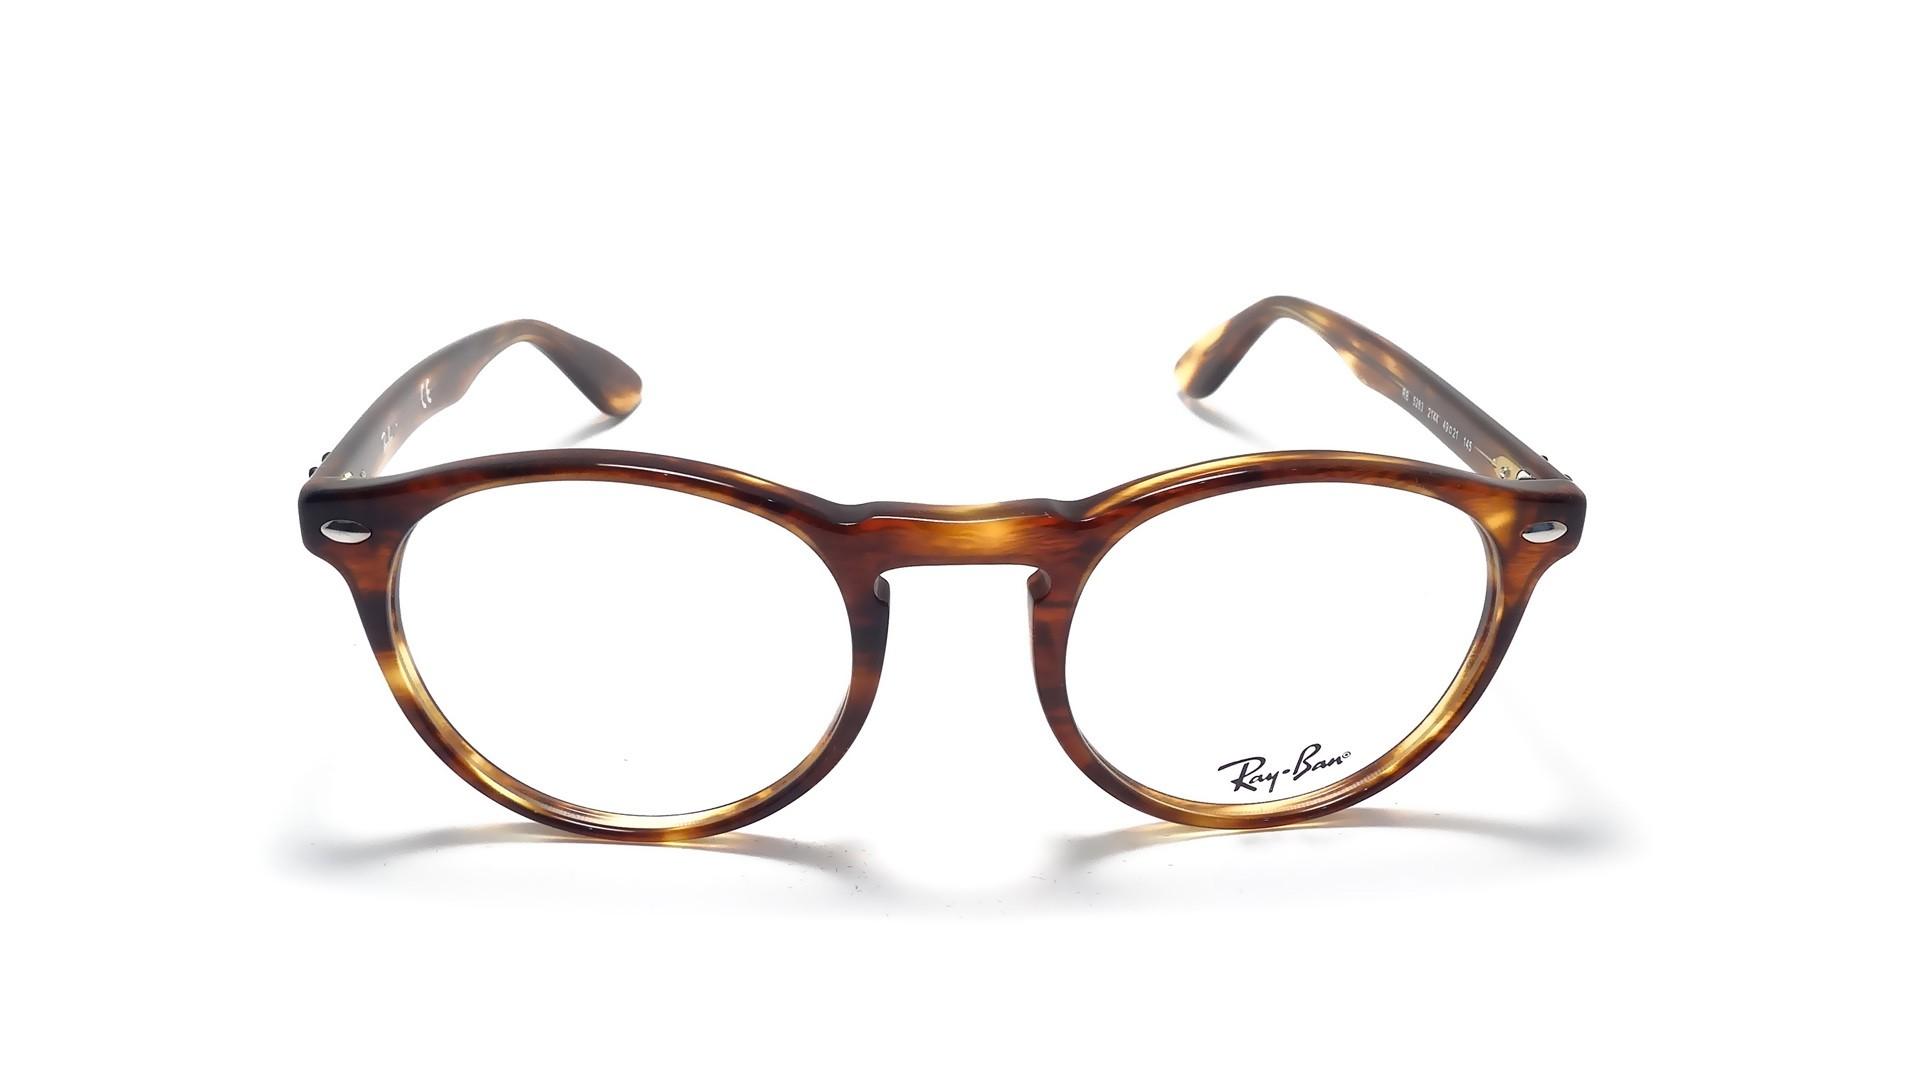 lunettes de vue lunettes de vue ray ban rx rb 5283 2144 caille prix 89 90 visiofactory. Black Bedroom Furniture Sets. Home Design Ideas